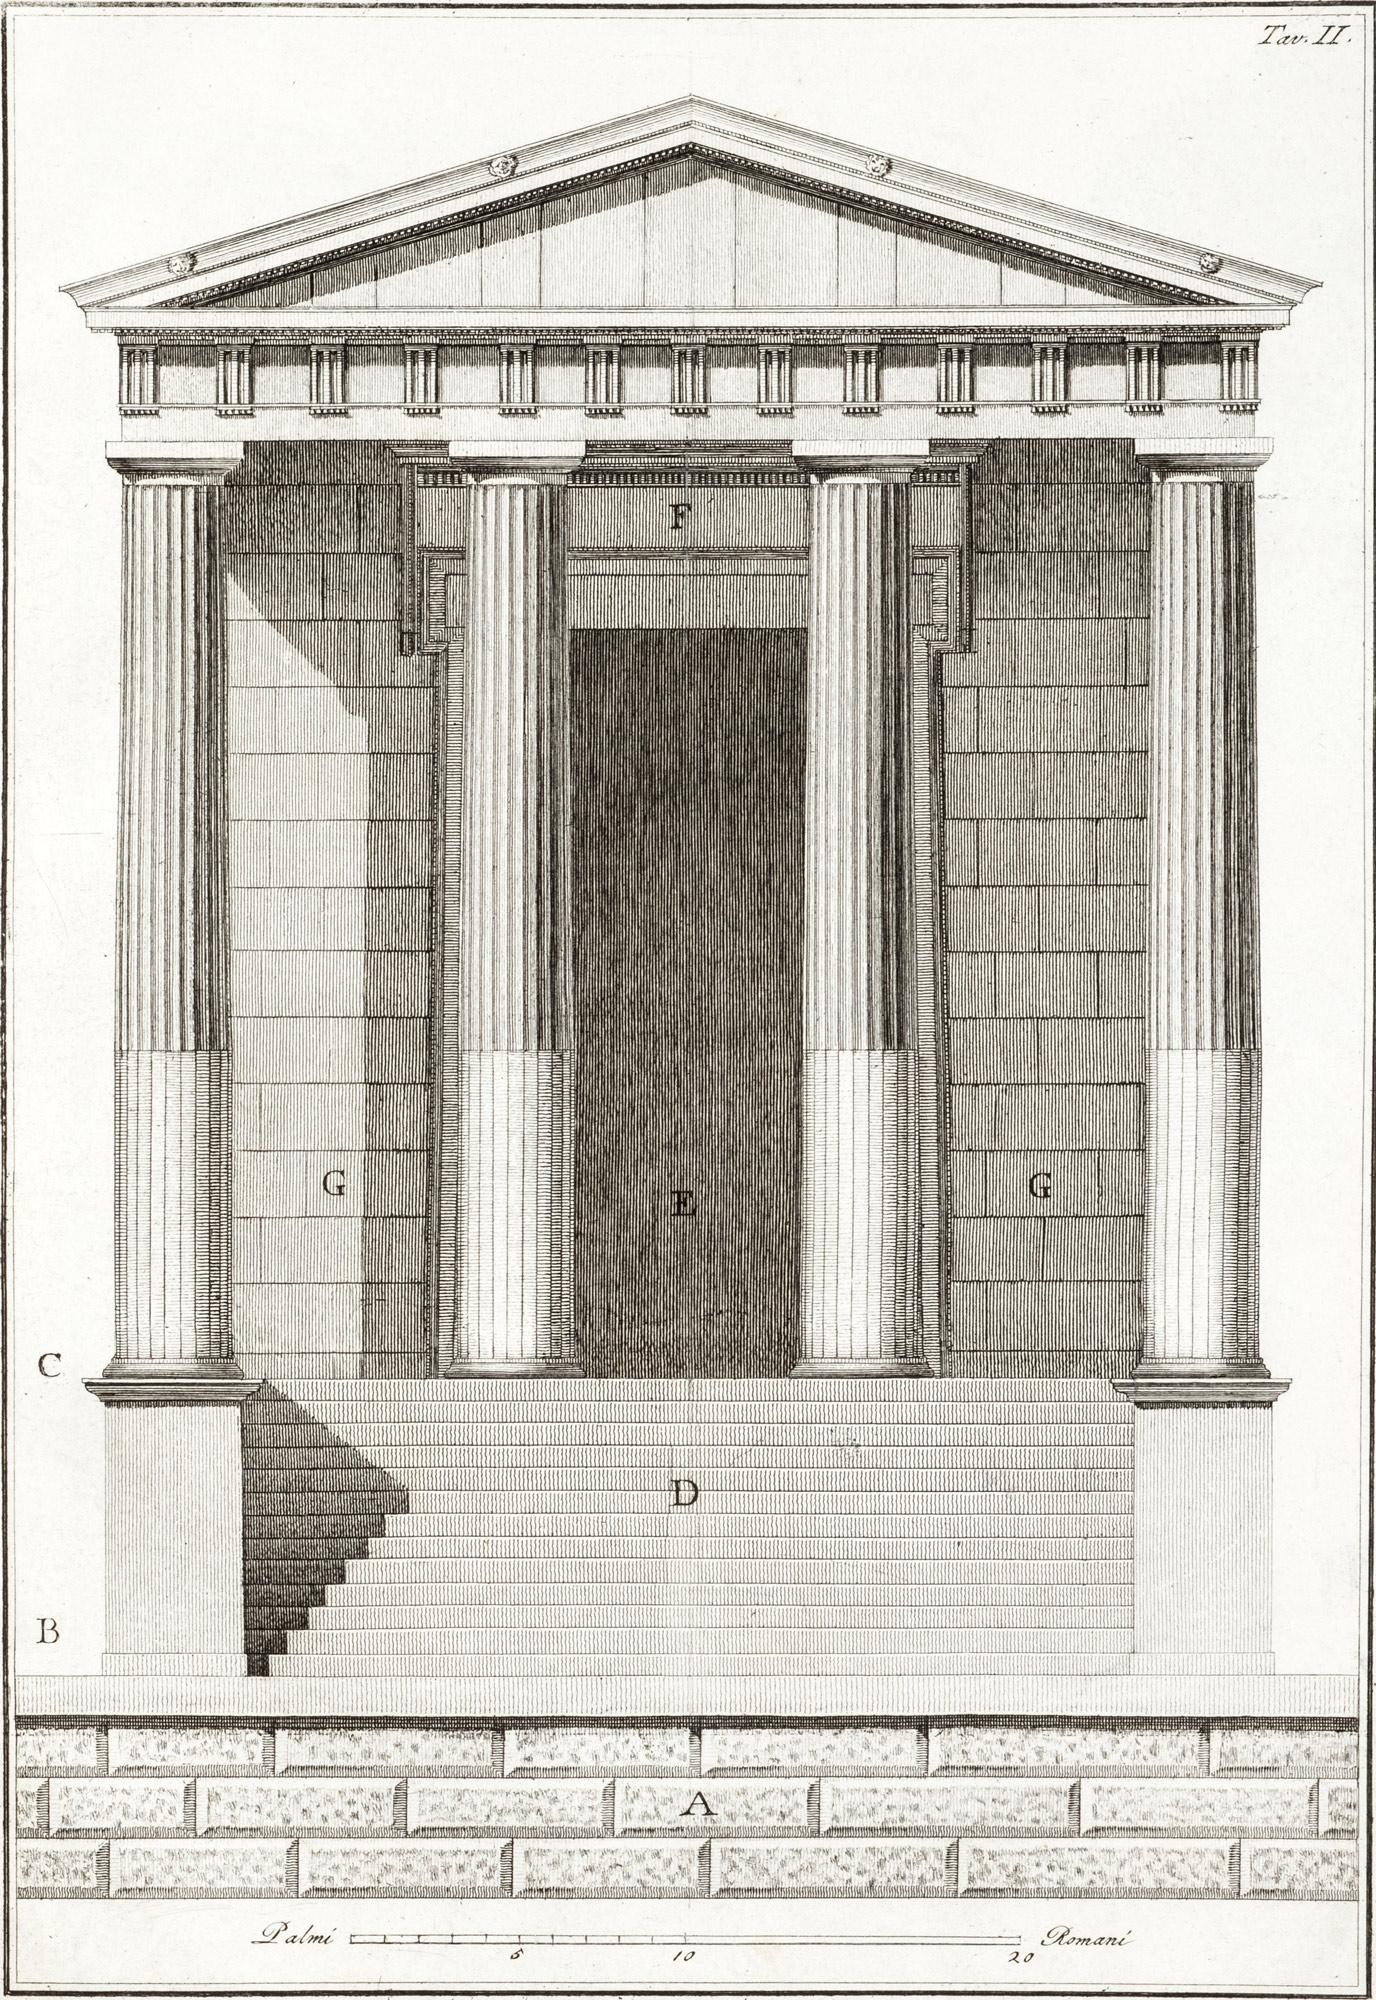 L' ordine dorico ossia Il tempio d'Ercole nella citta di Cori